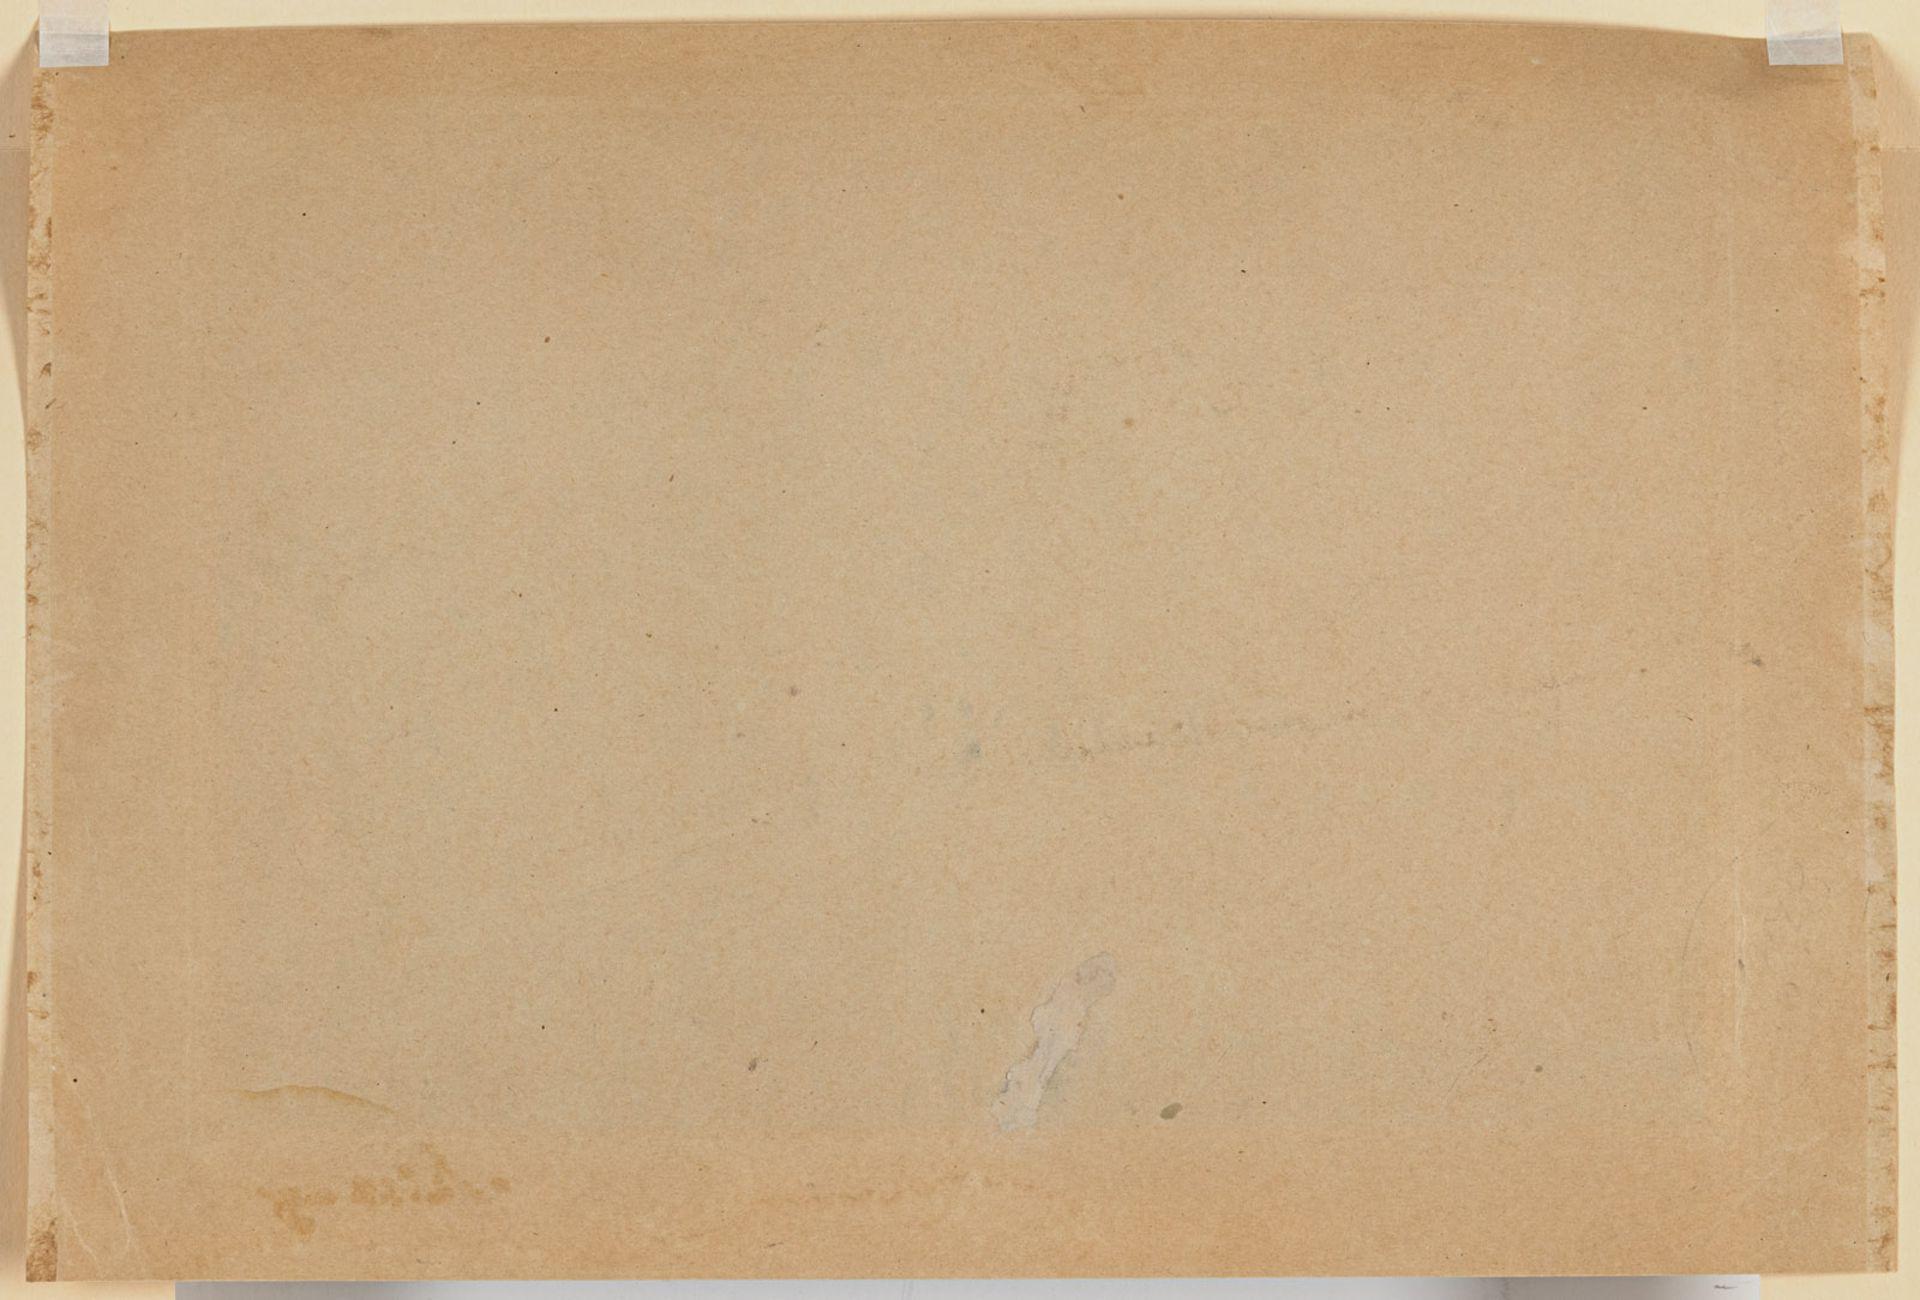 Leistikow, Walter - Image 3 of 3